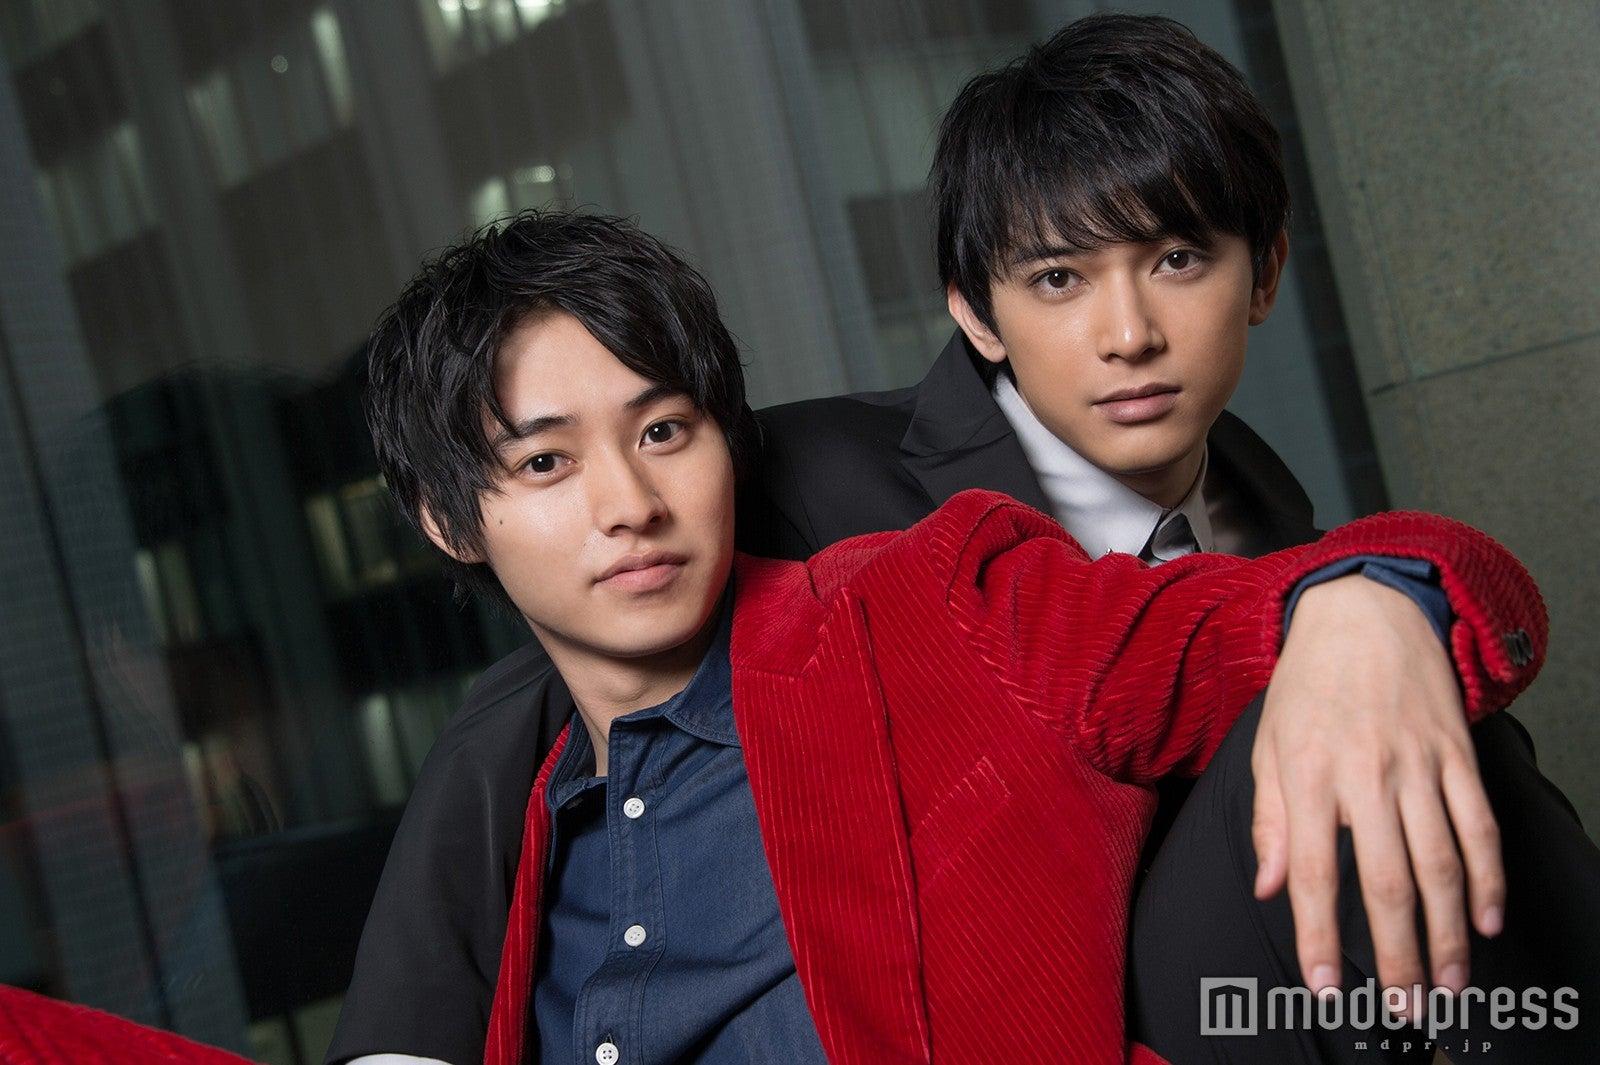 モデルプレスのインタビューに応じた(左から)山崎賢人、吉沢亮